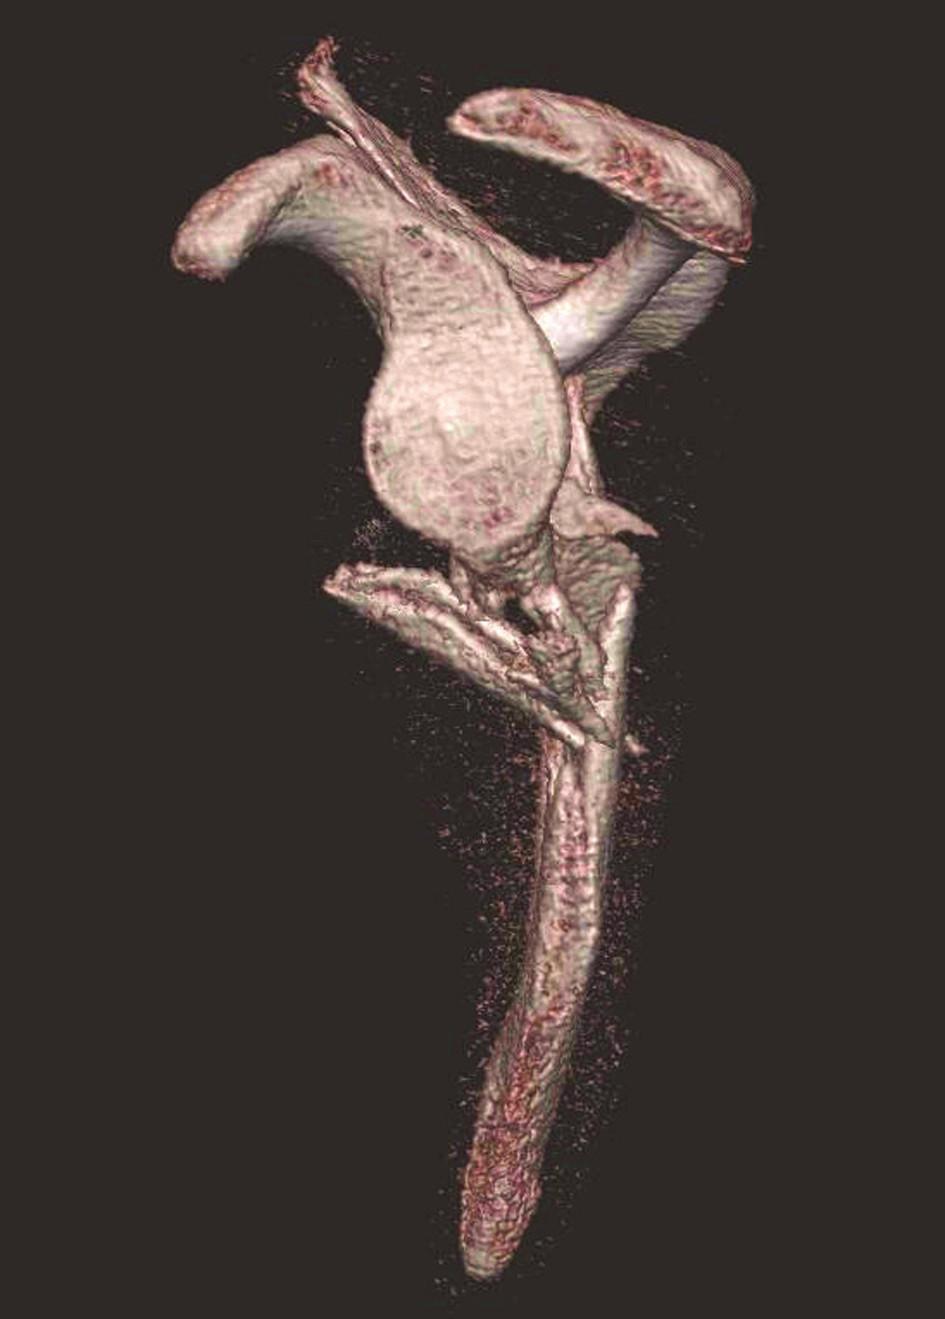 Třídimenzionální CT rekonstrukce – pohled z laterální strany Je vidět intaktní glenoid. Fig. 4: Three-dimensional CT reconstruction – lateral view showing the intact glenoid